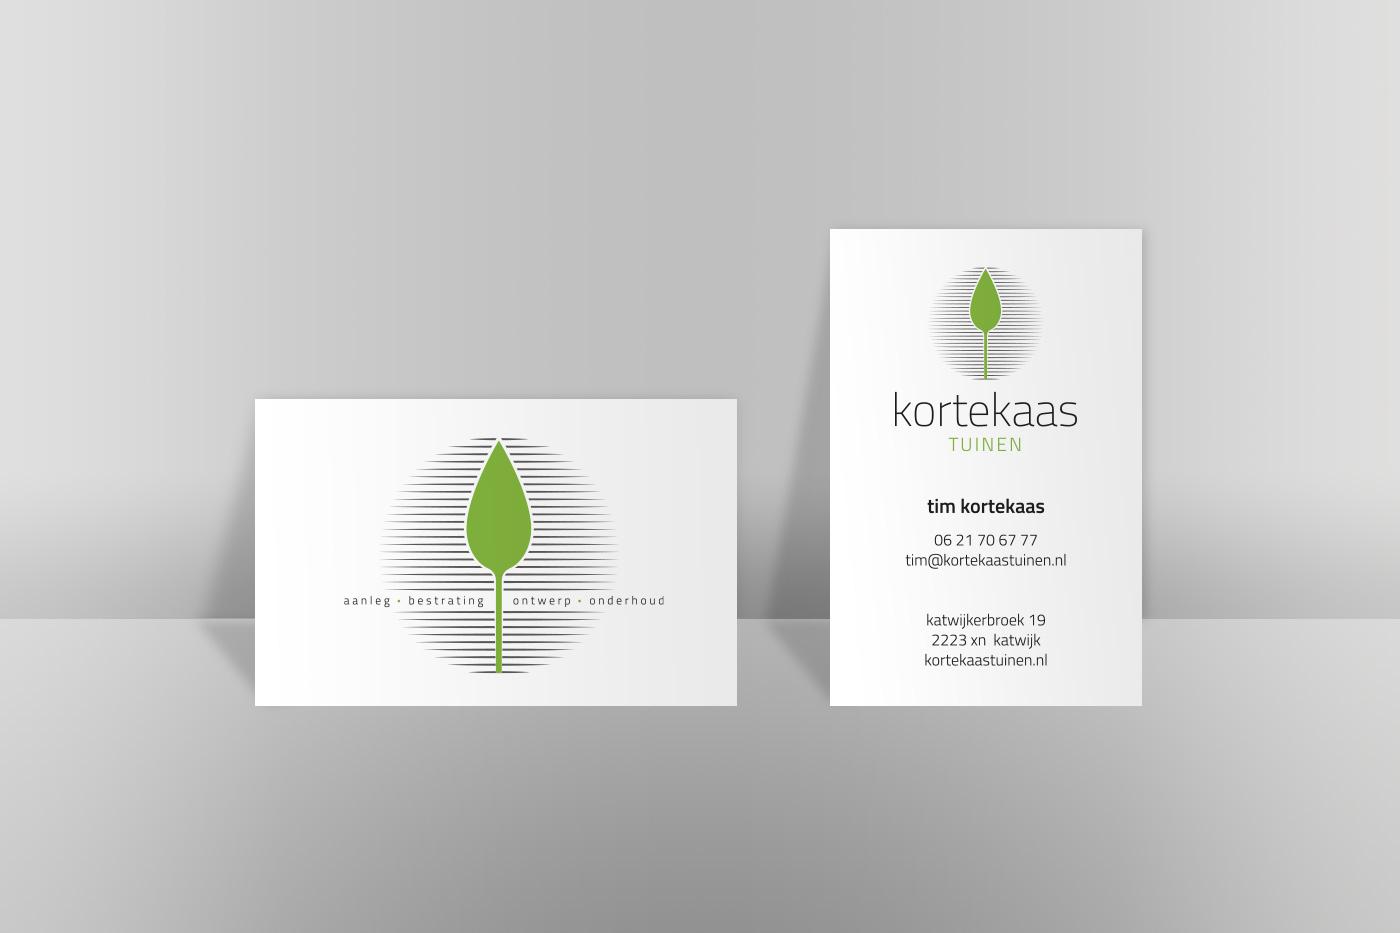 Kortekaas tuinen - Grafisch ontwerp door misign ontwerp amsterdam